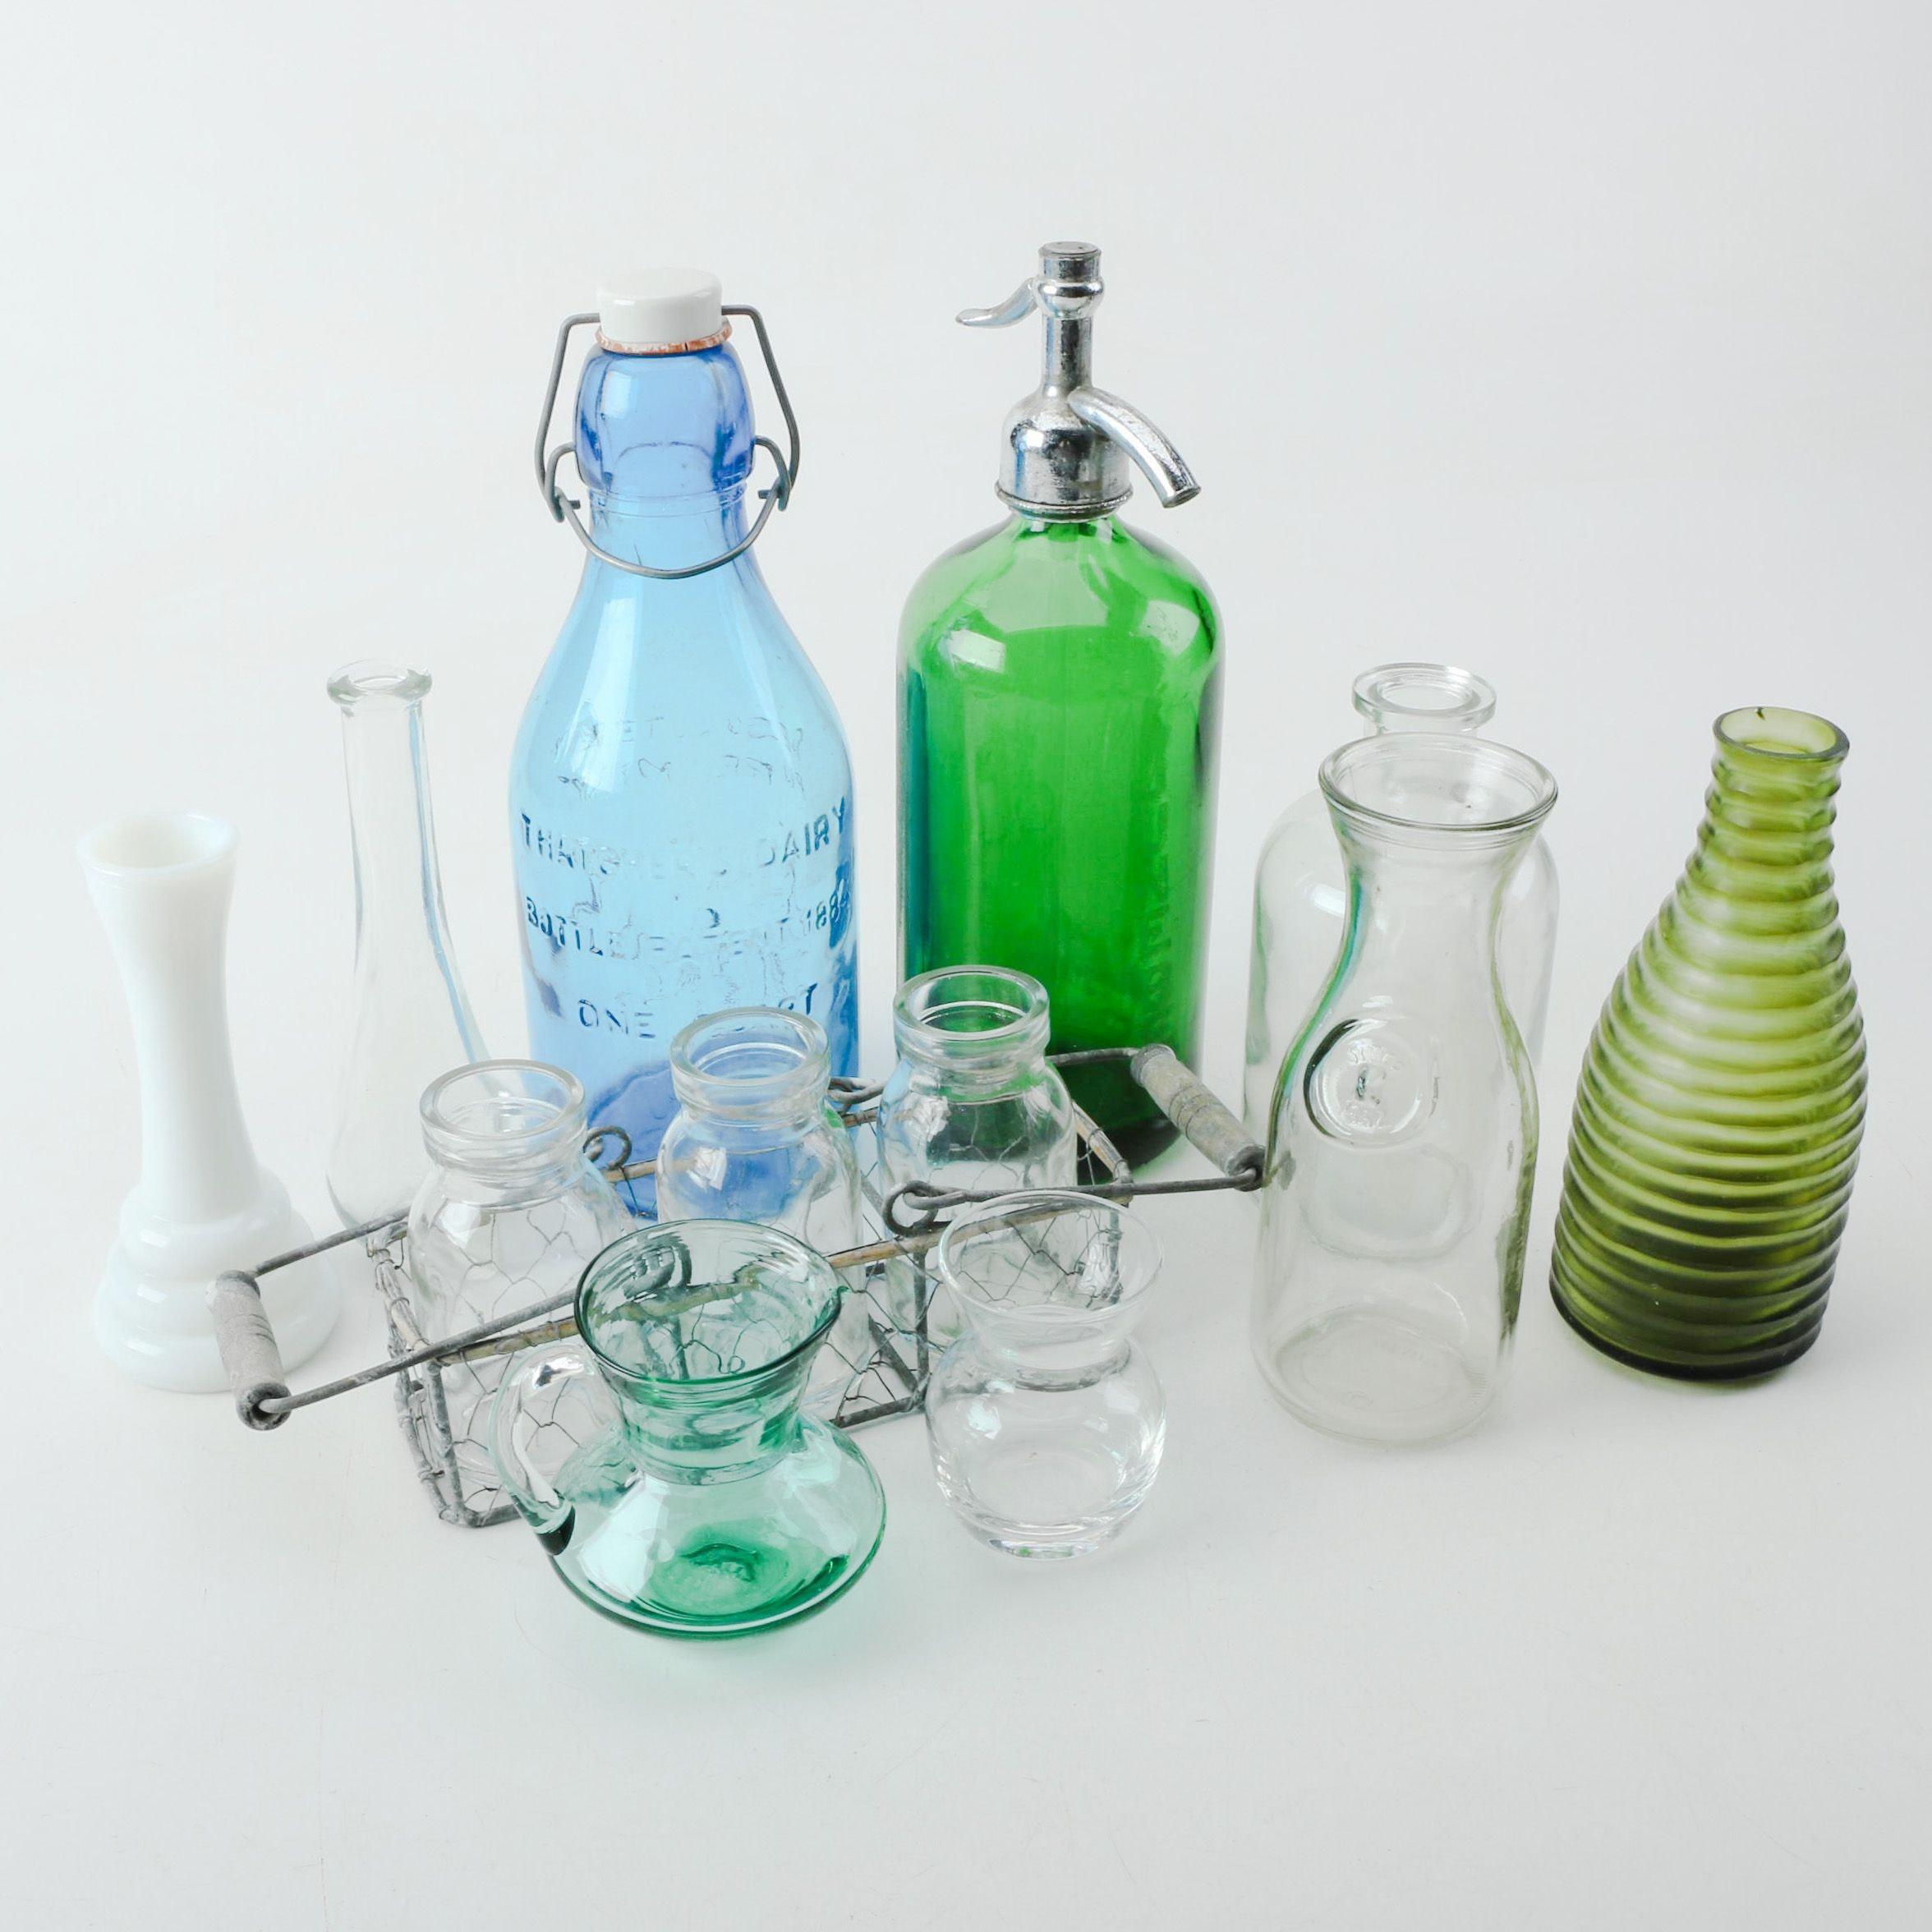 Glass Vases, Bottles, Soap Disenser, and Jars